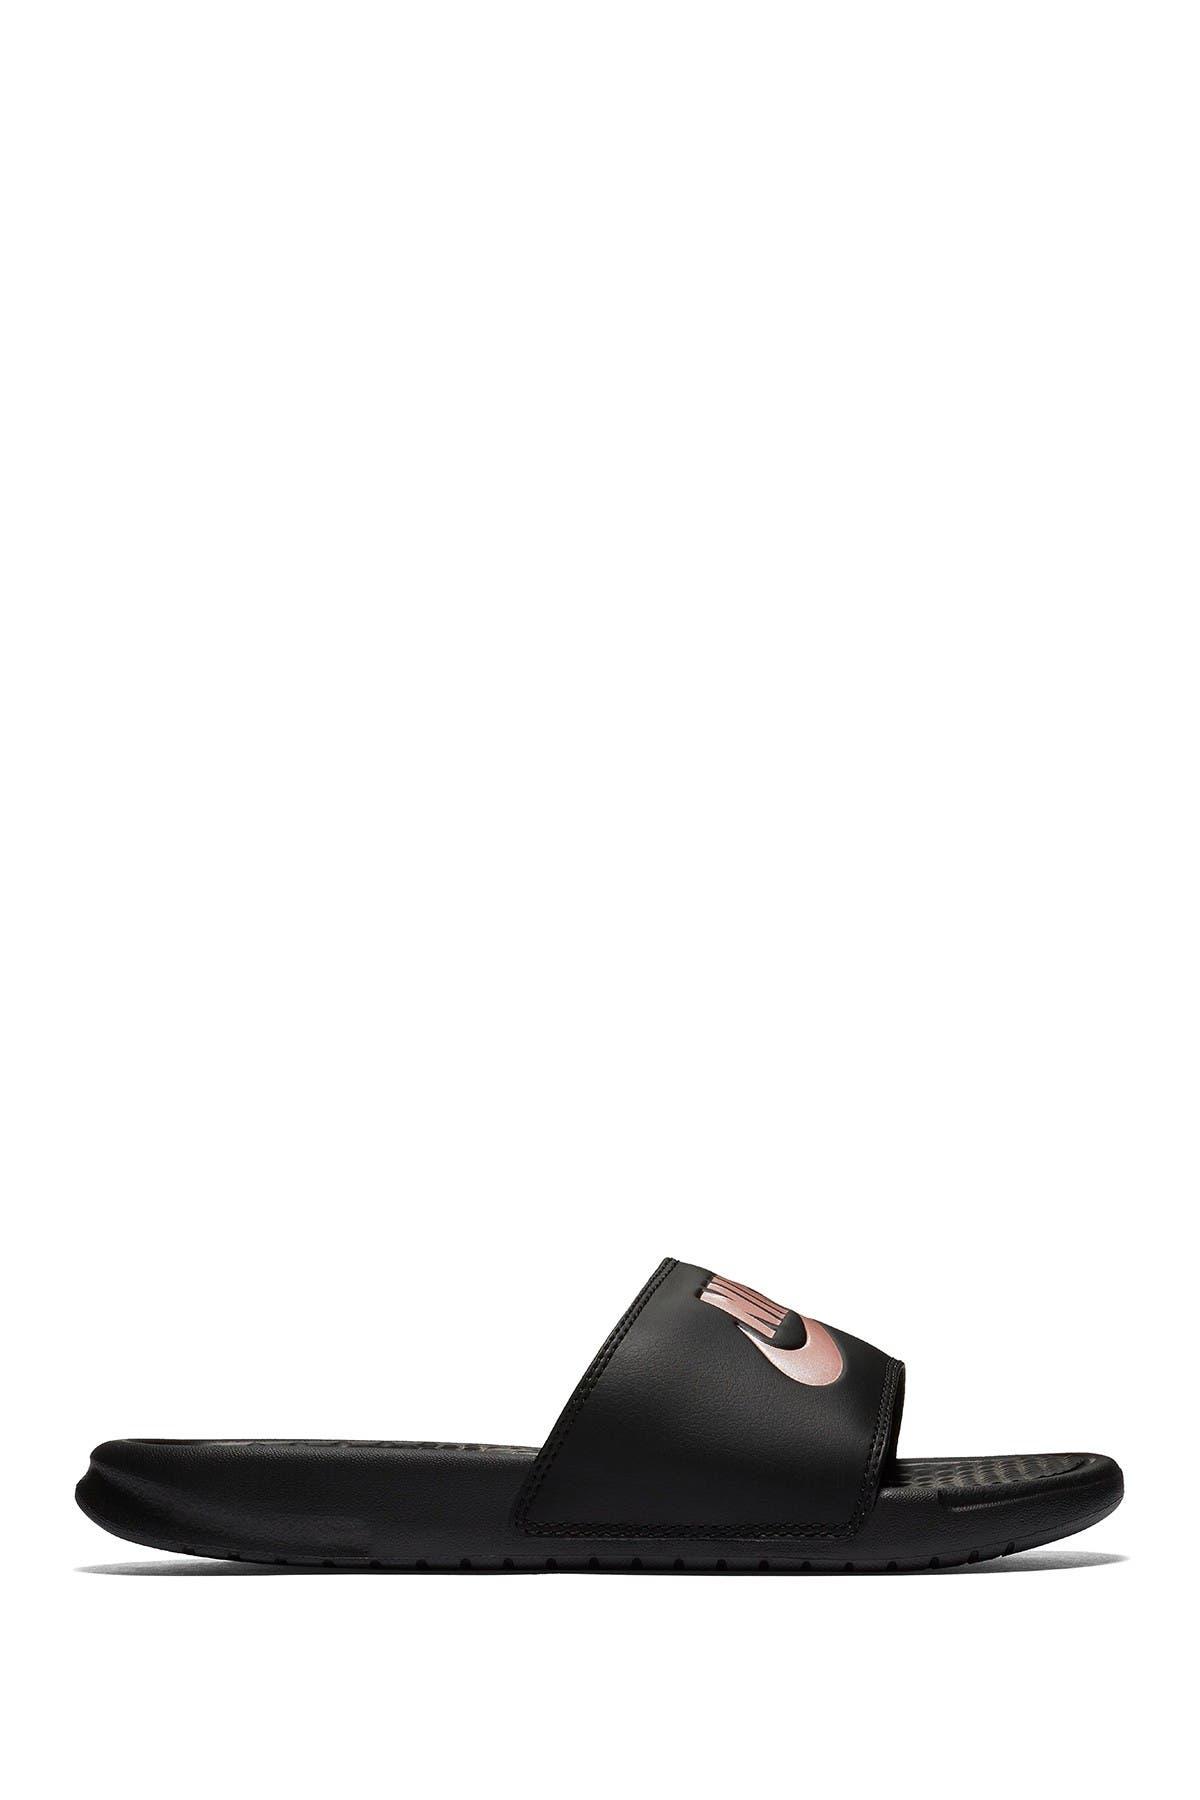 Nike | Benassi Slide Sandal | Nordstrom